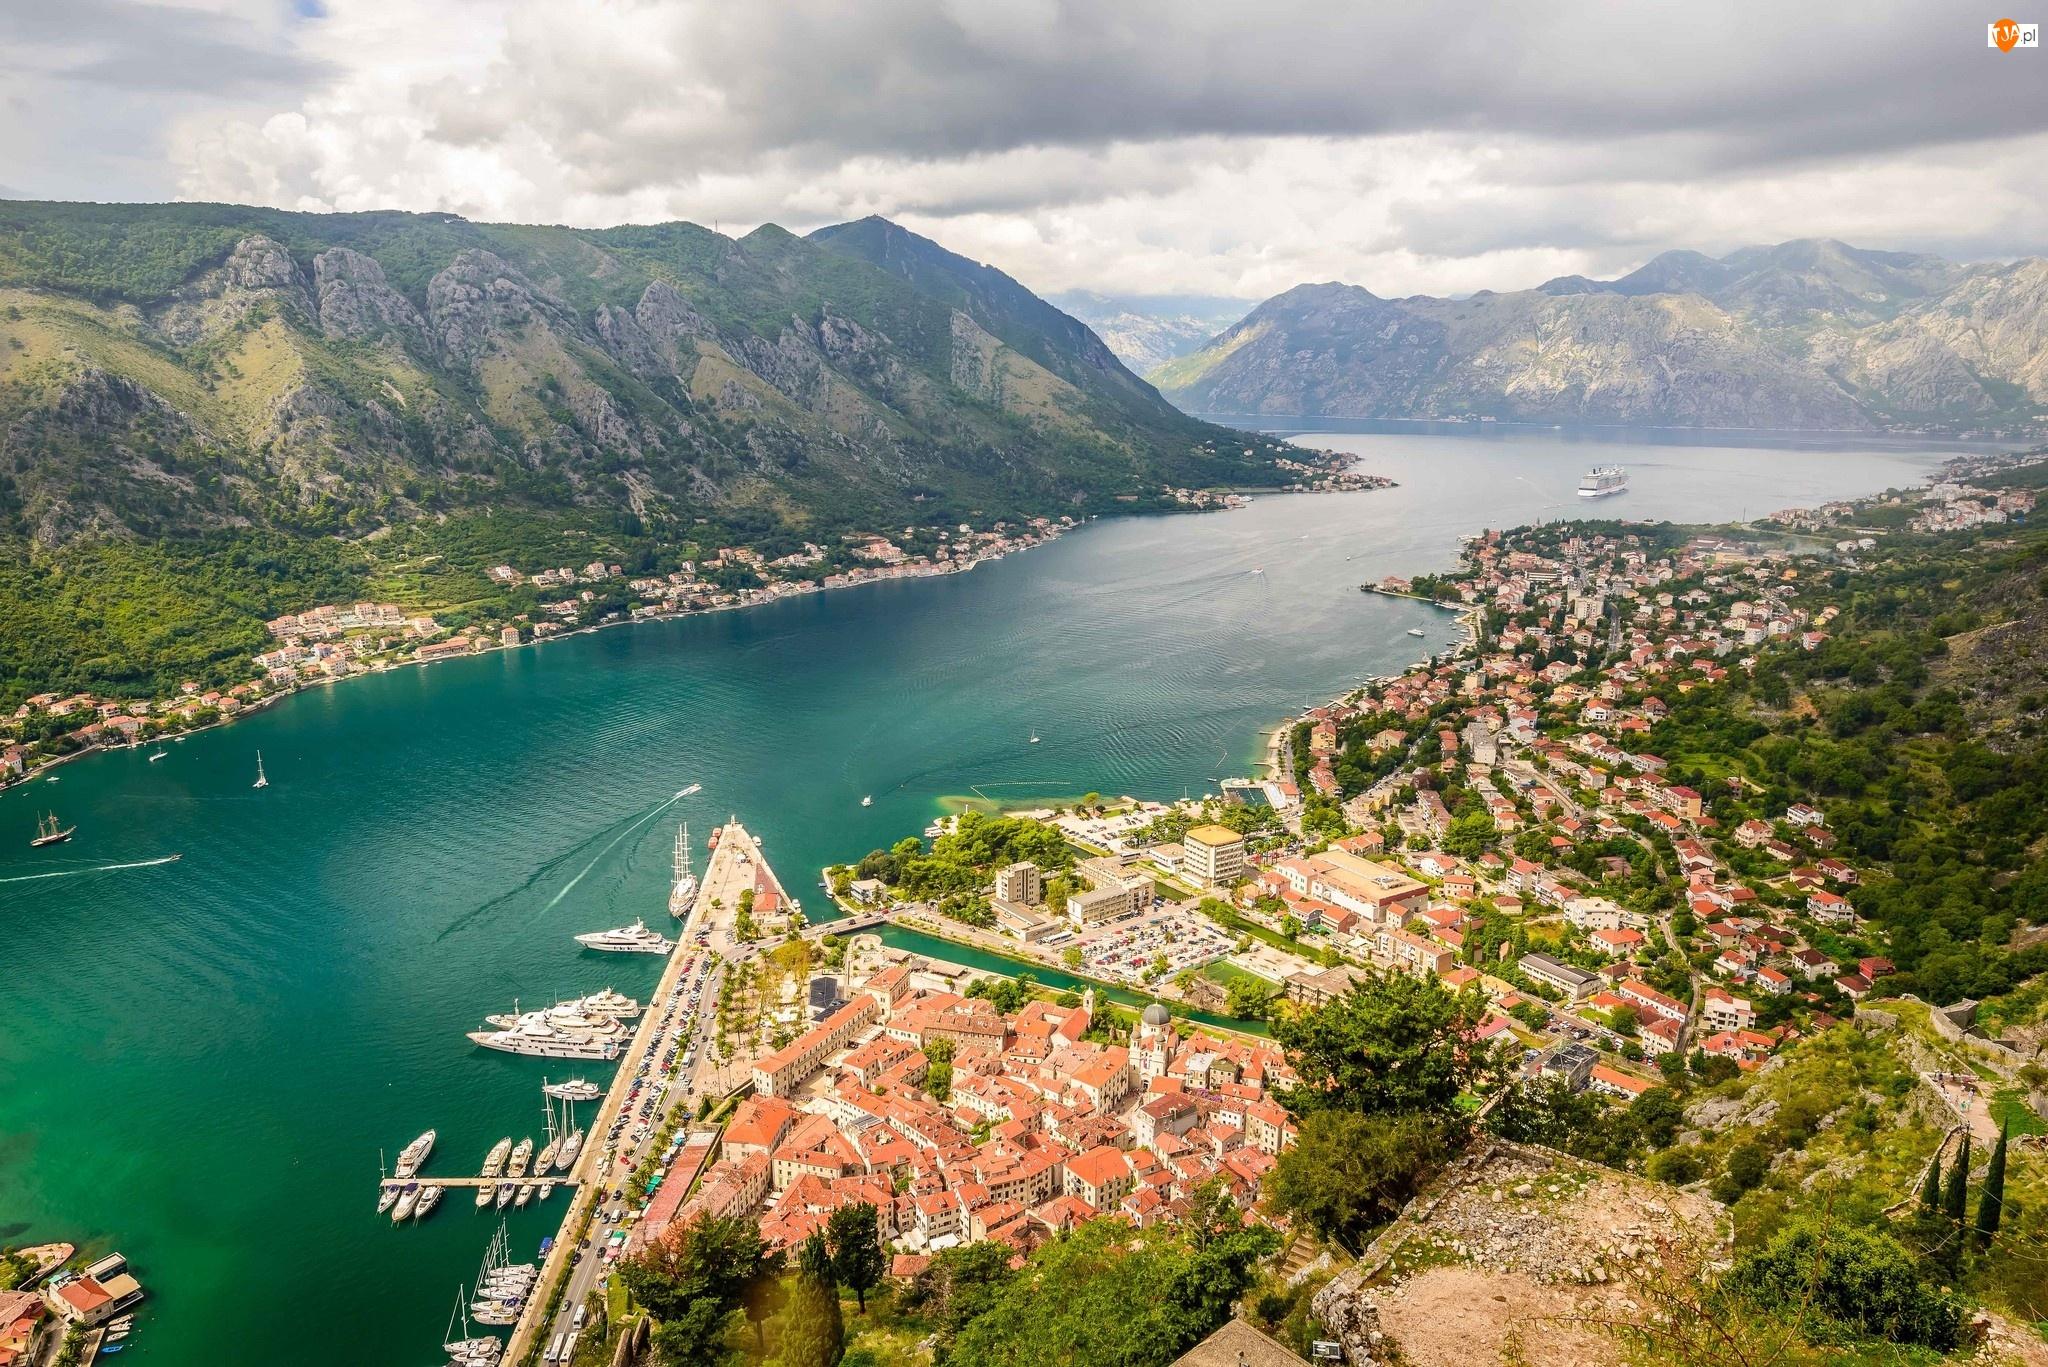 Statki, Góry, Domy, Rzeka, Chmury